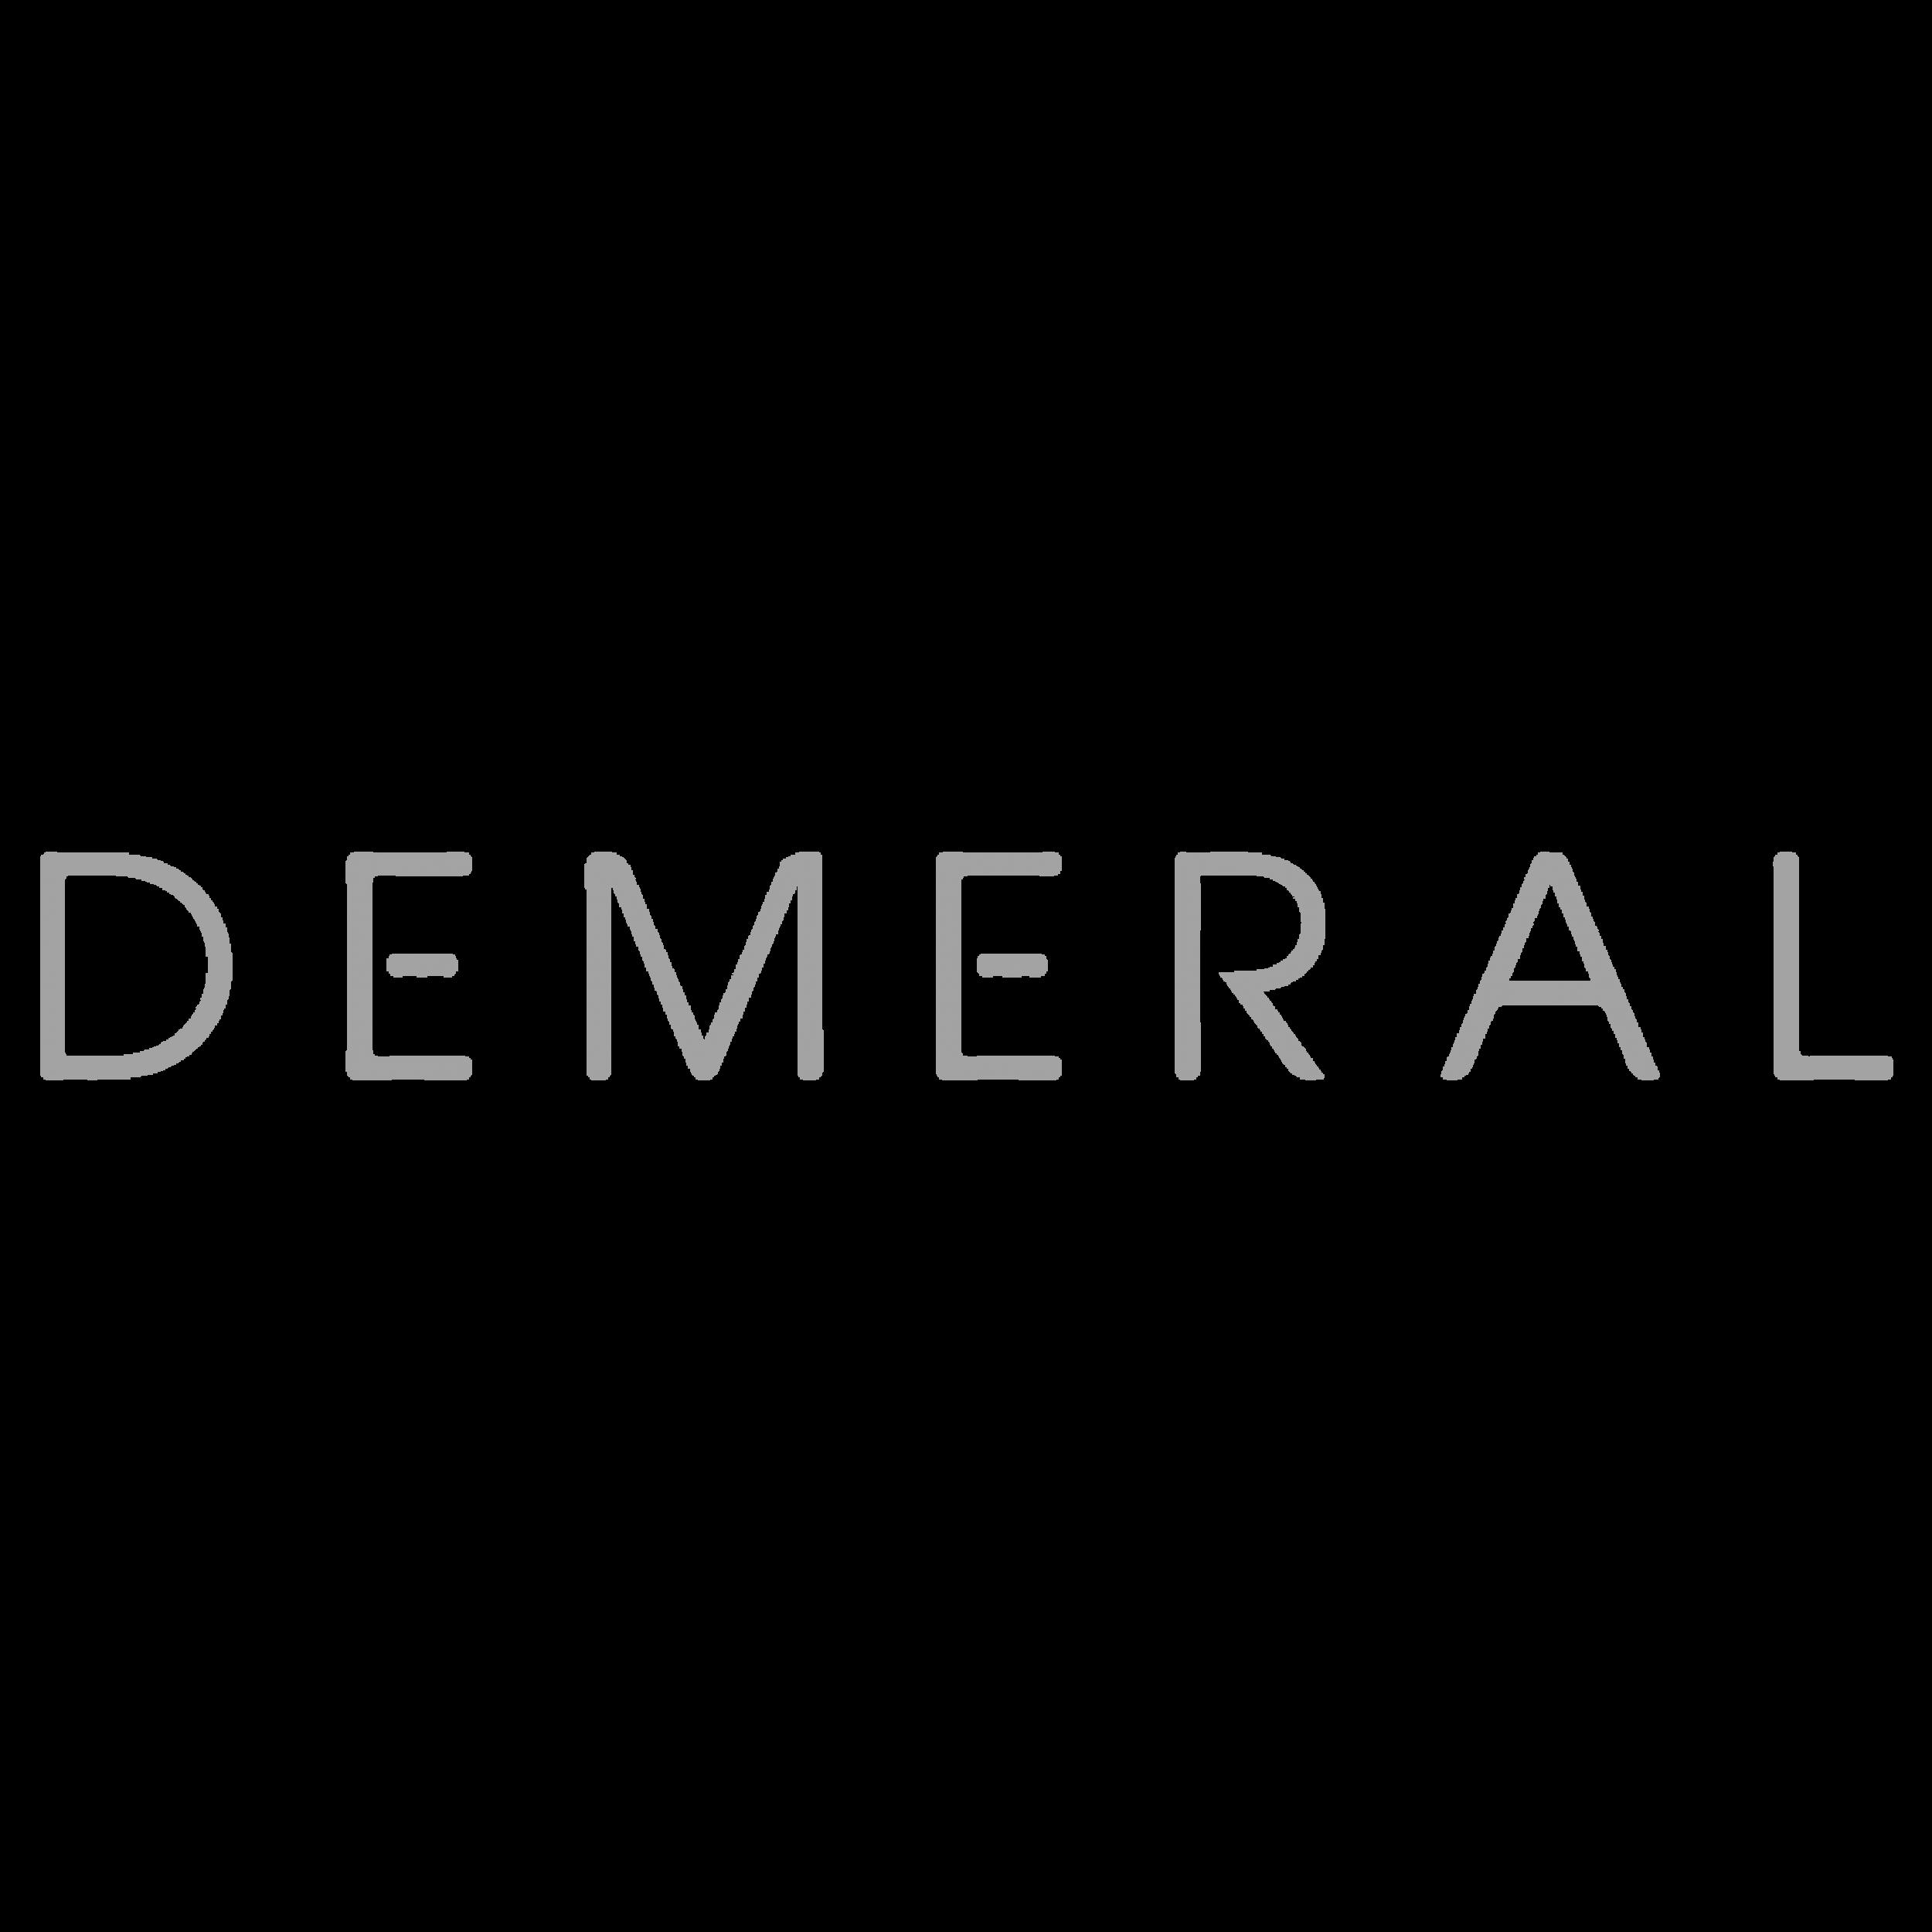 demeral_logo